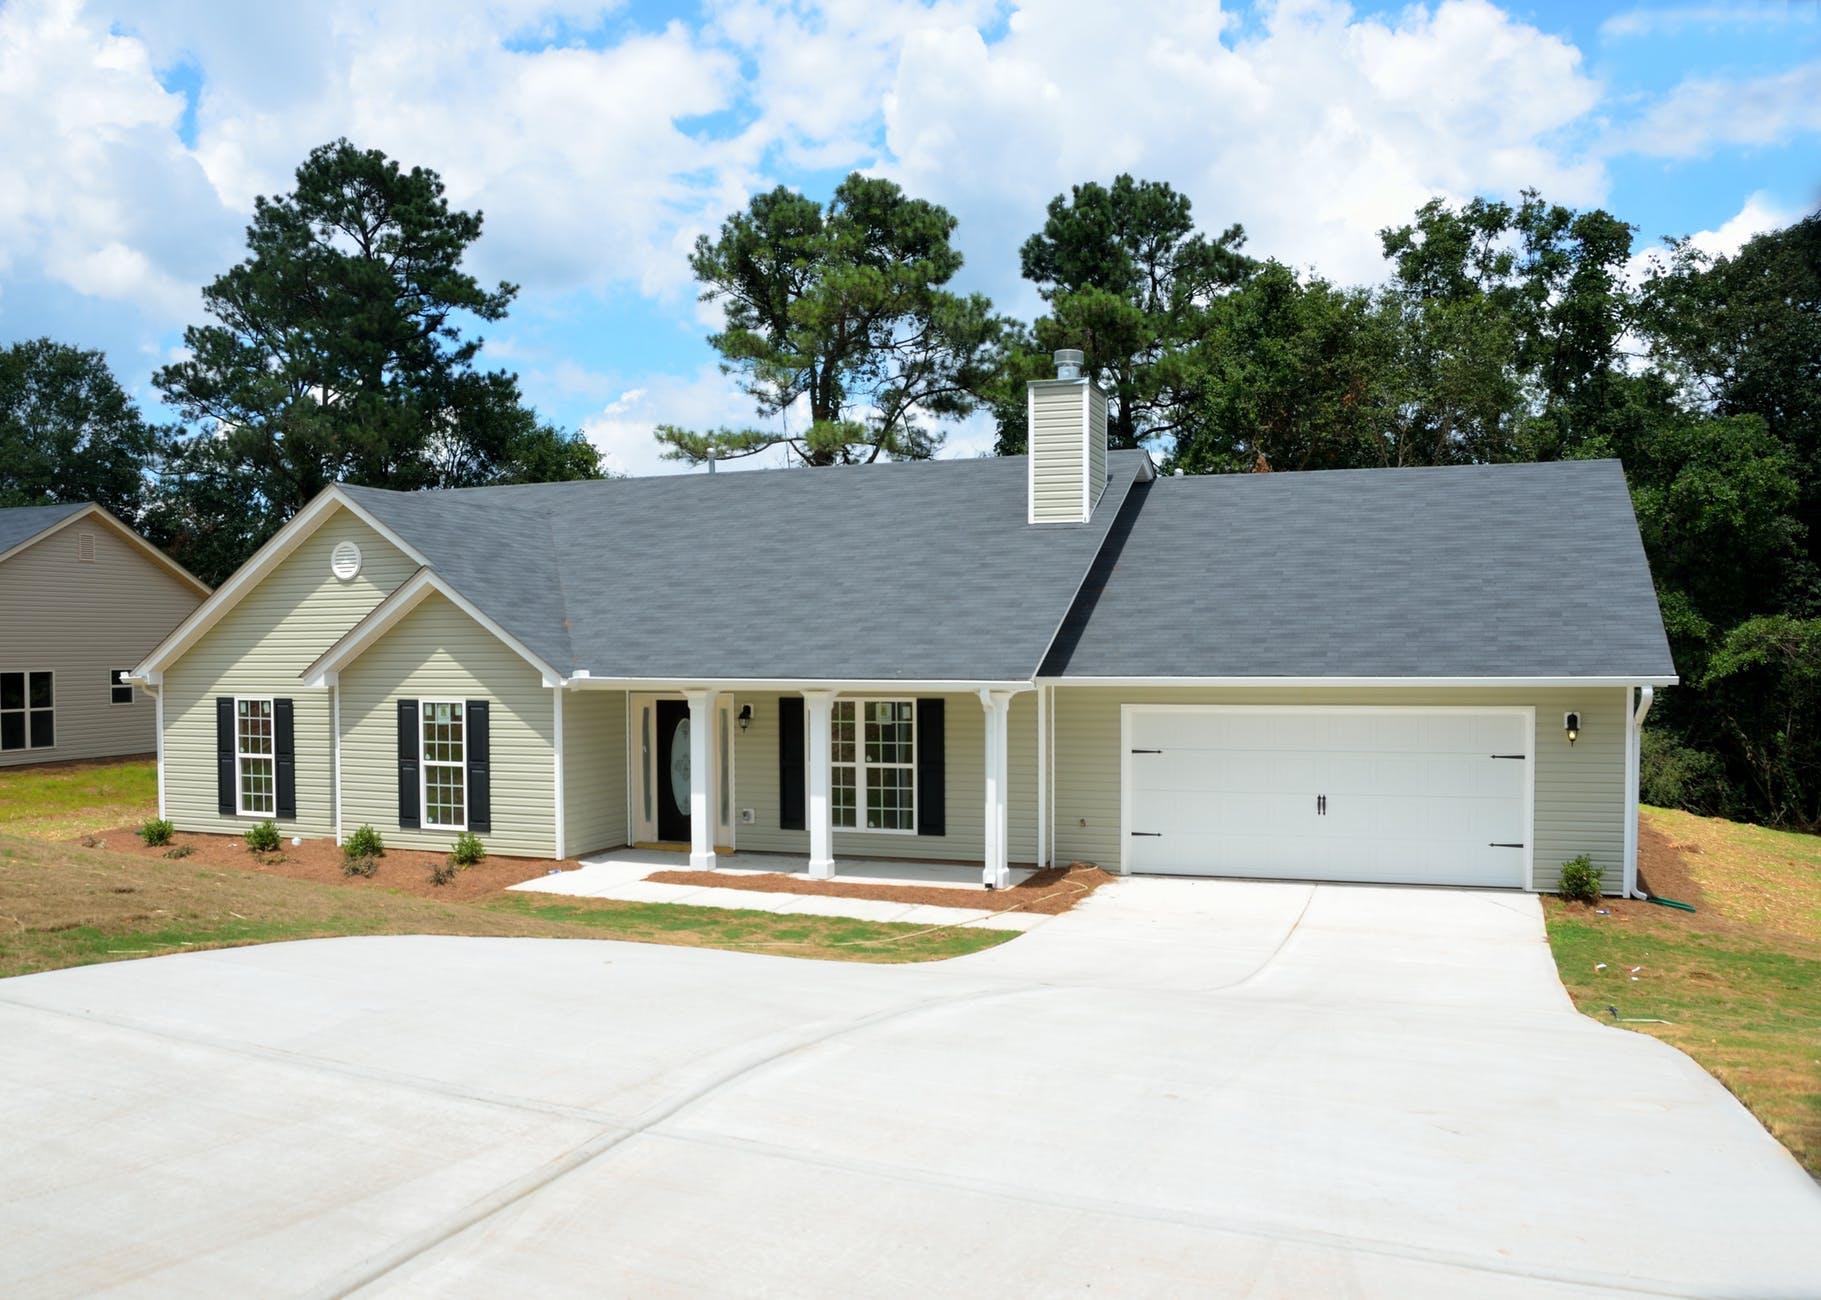 architecture bungalow buy construction